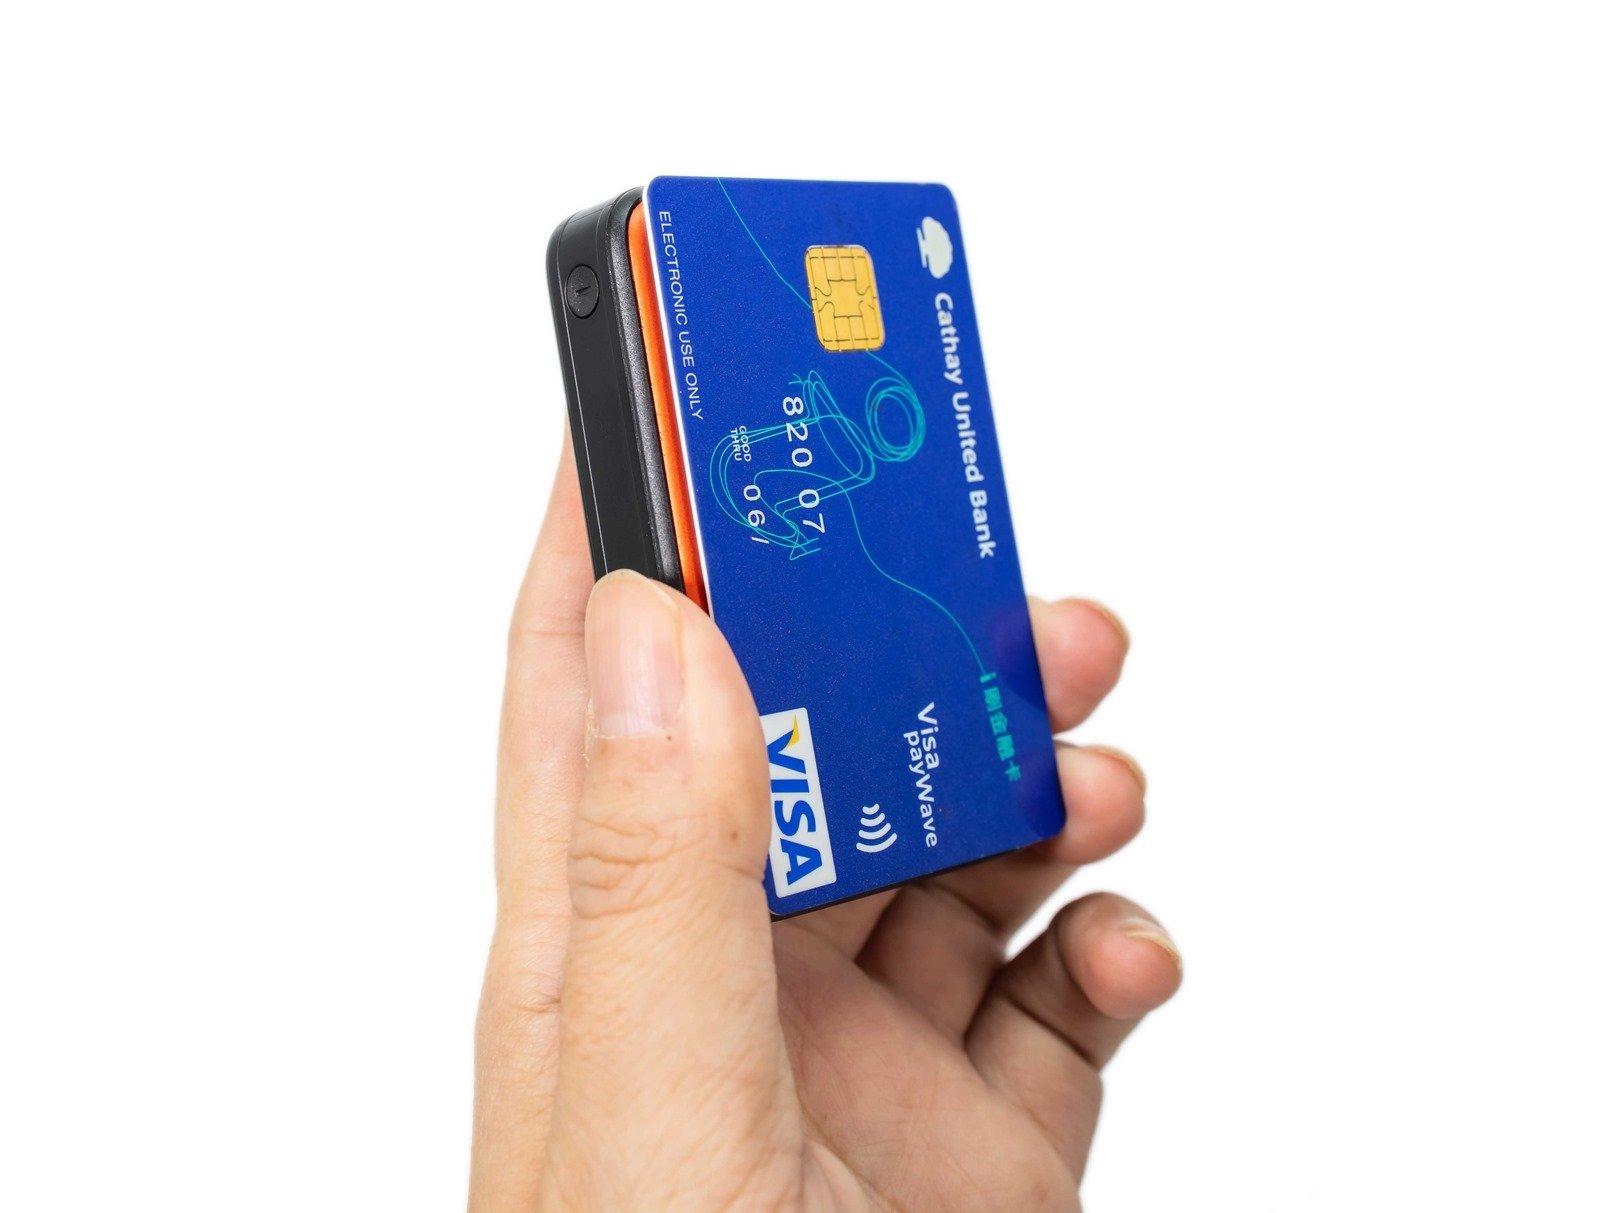 繽紛多彩 + 美型強悍,只有信用卡大小支援快充!迷你隨身攜 QP70 行動電源 @3C 達人廖阿輝